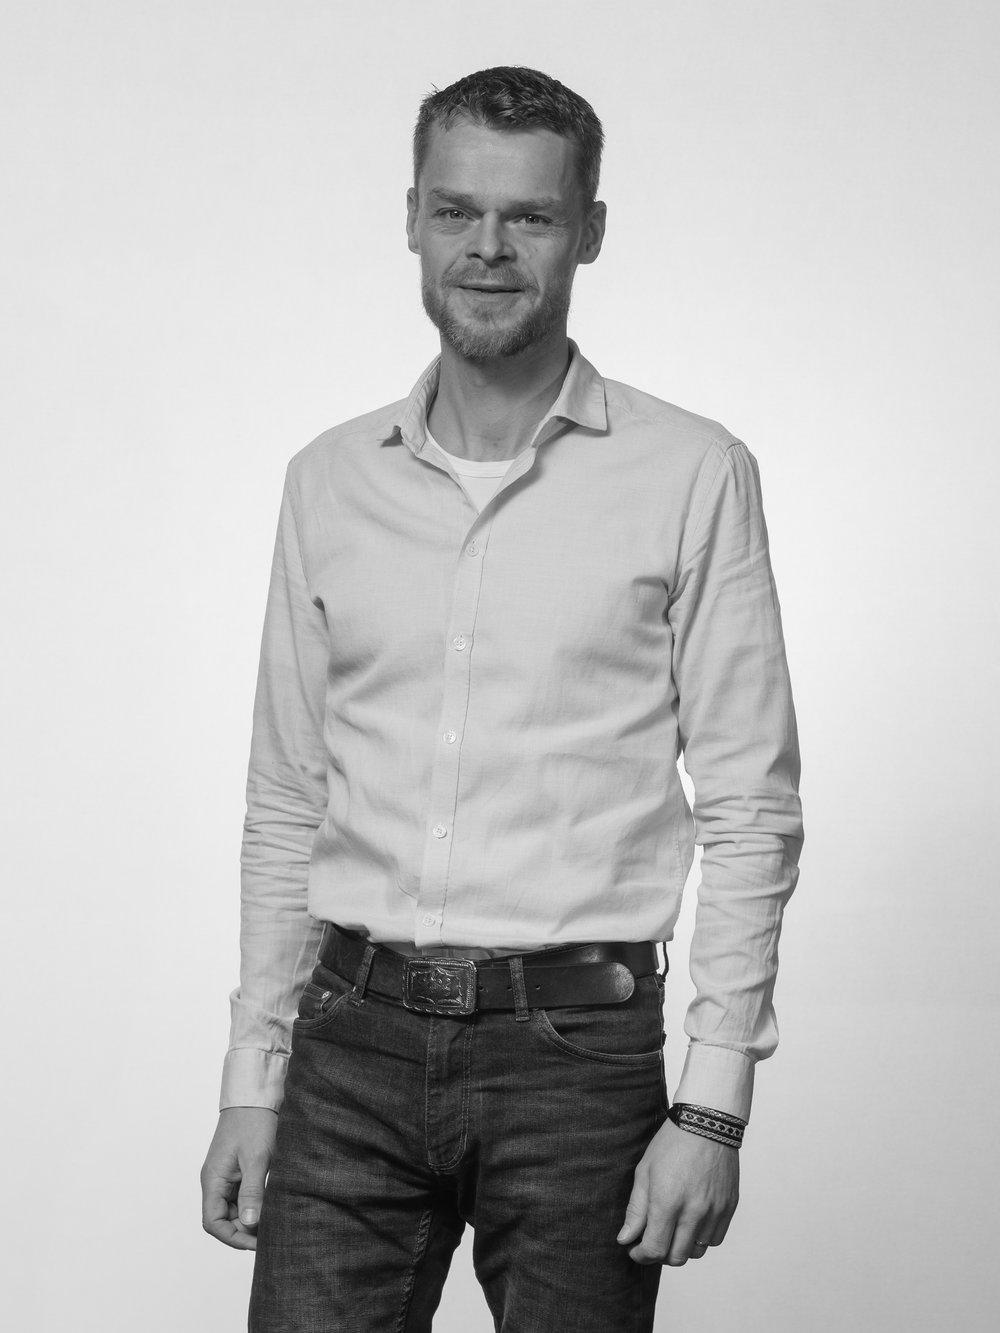 Anders Danielsson - Försäljning och Projekt+46 76 115 20 95anders.danielsson@ecpairtech.se